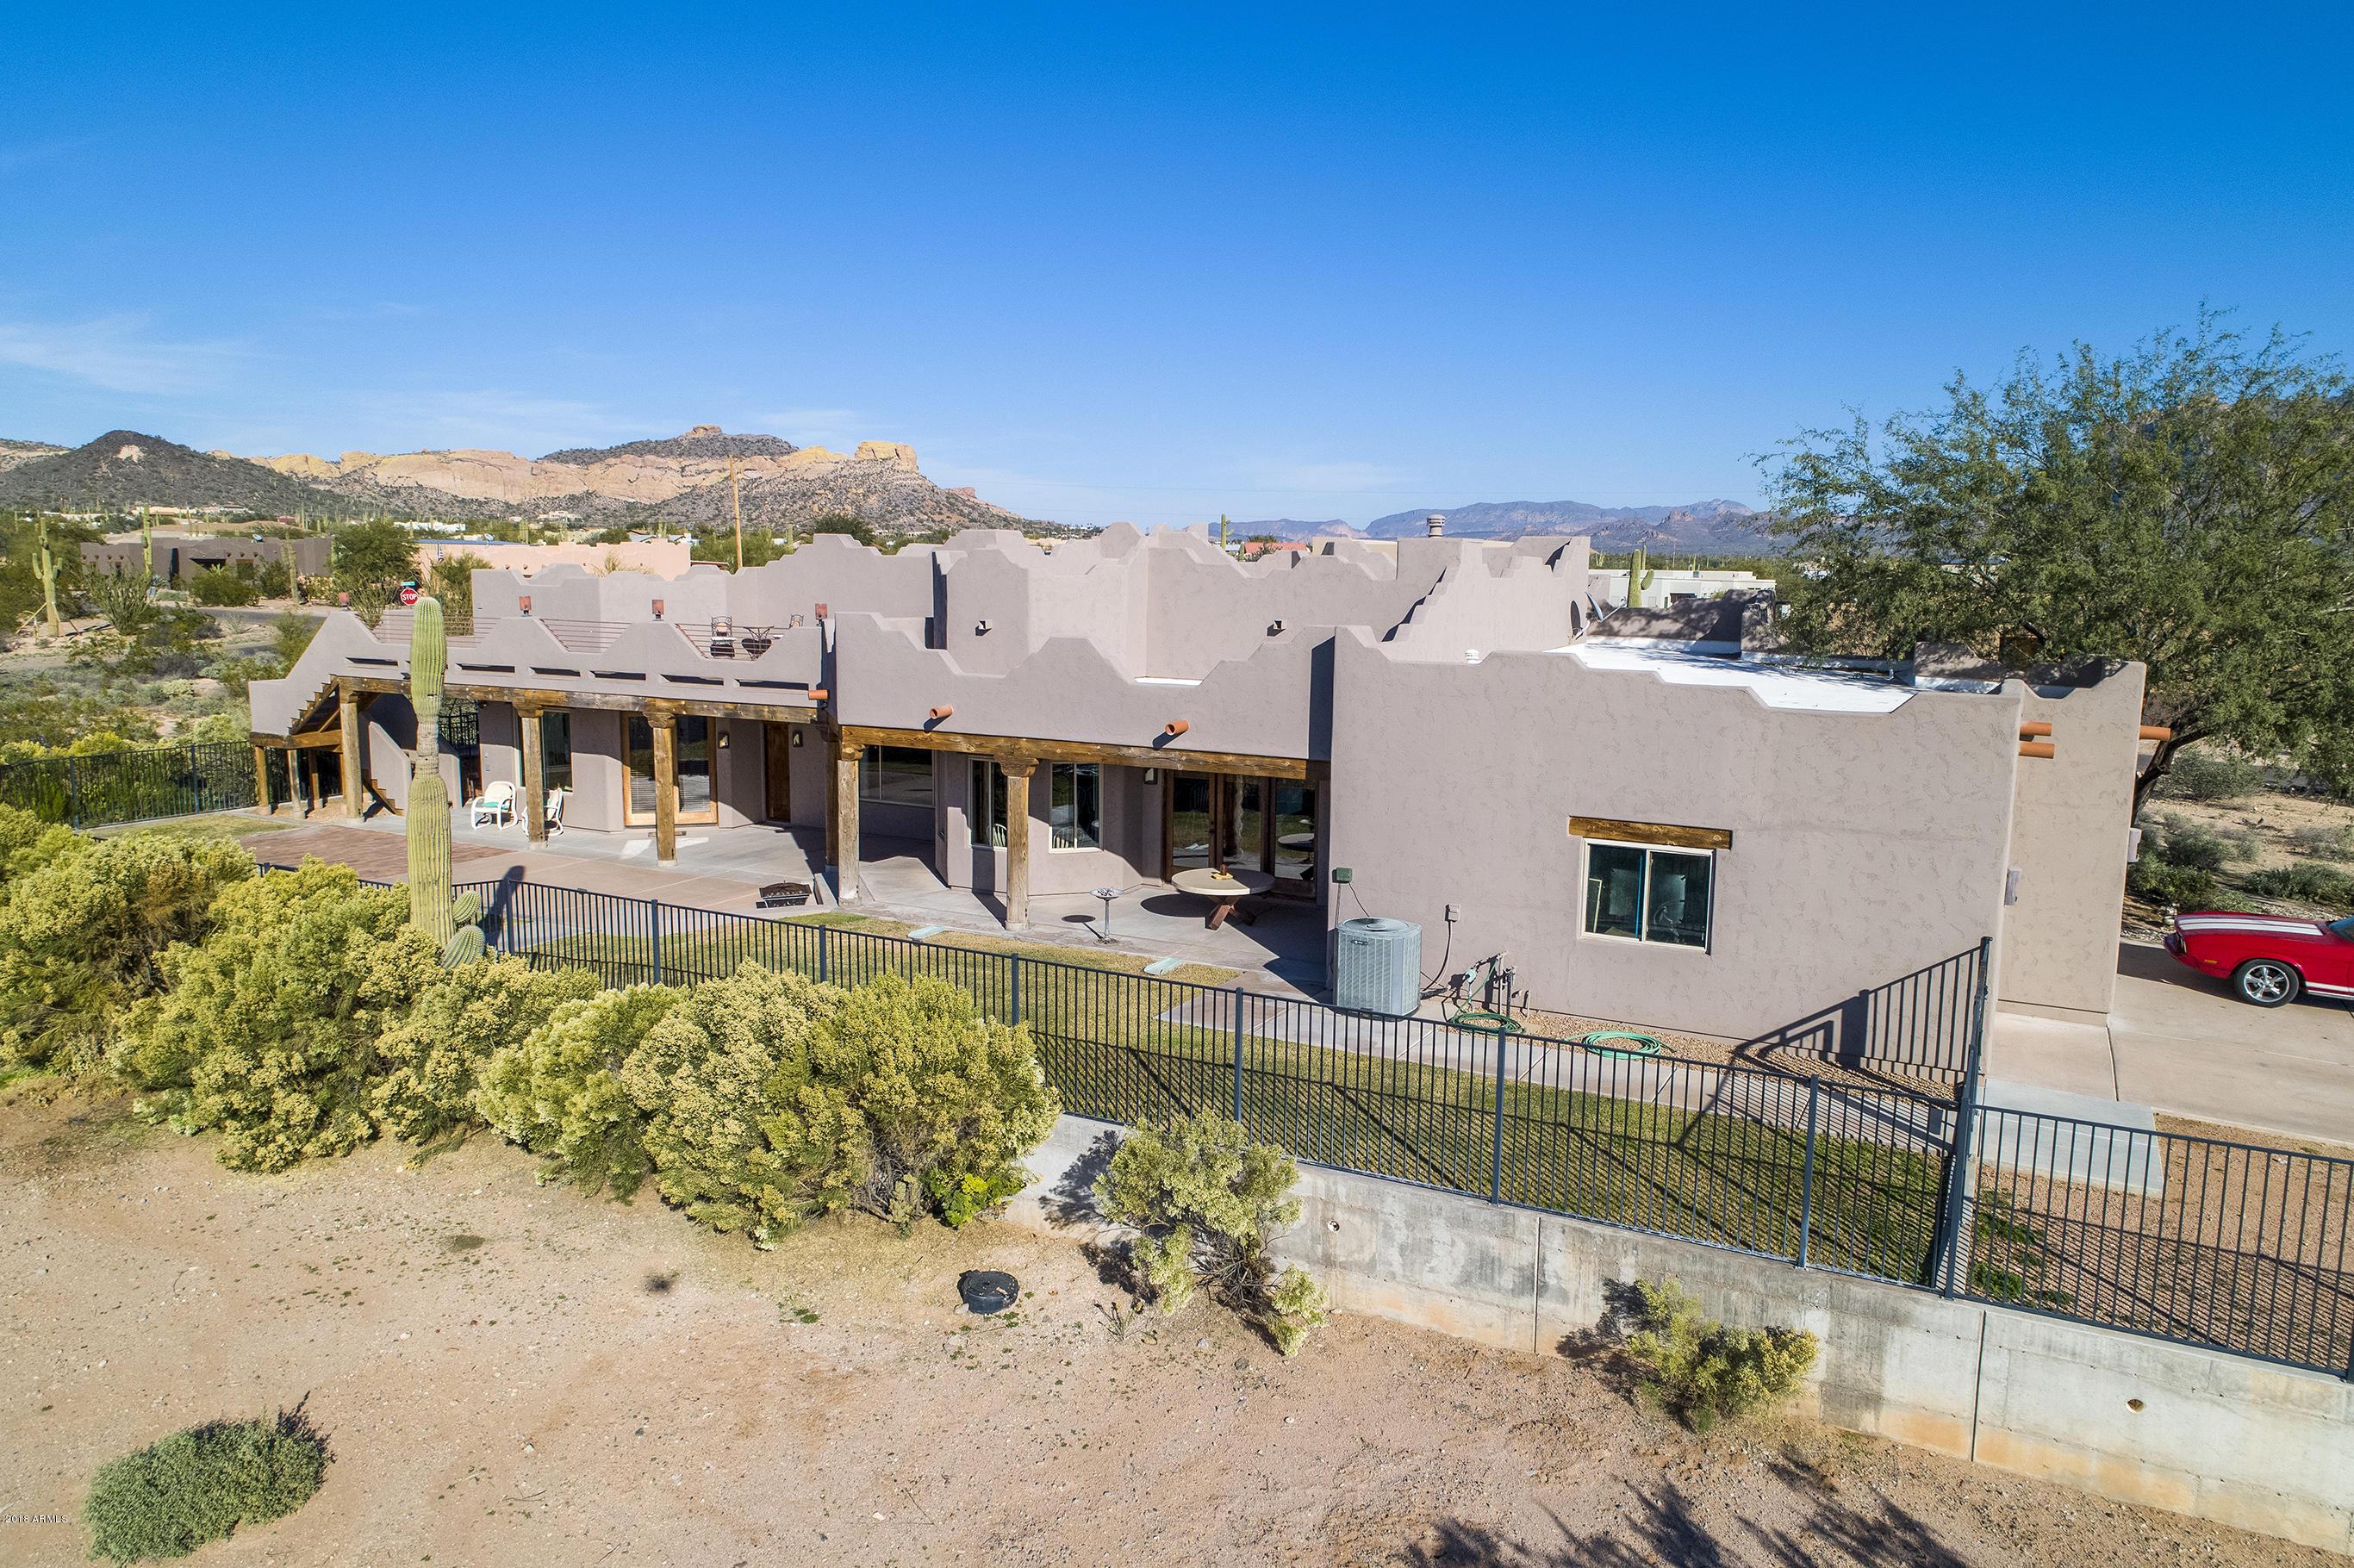 MLS 5849151 4150 N CACTUS Road, Apache Junction, AZ 85119 Apache Junction AZ Four Bedroom